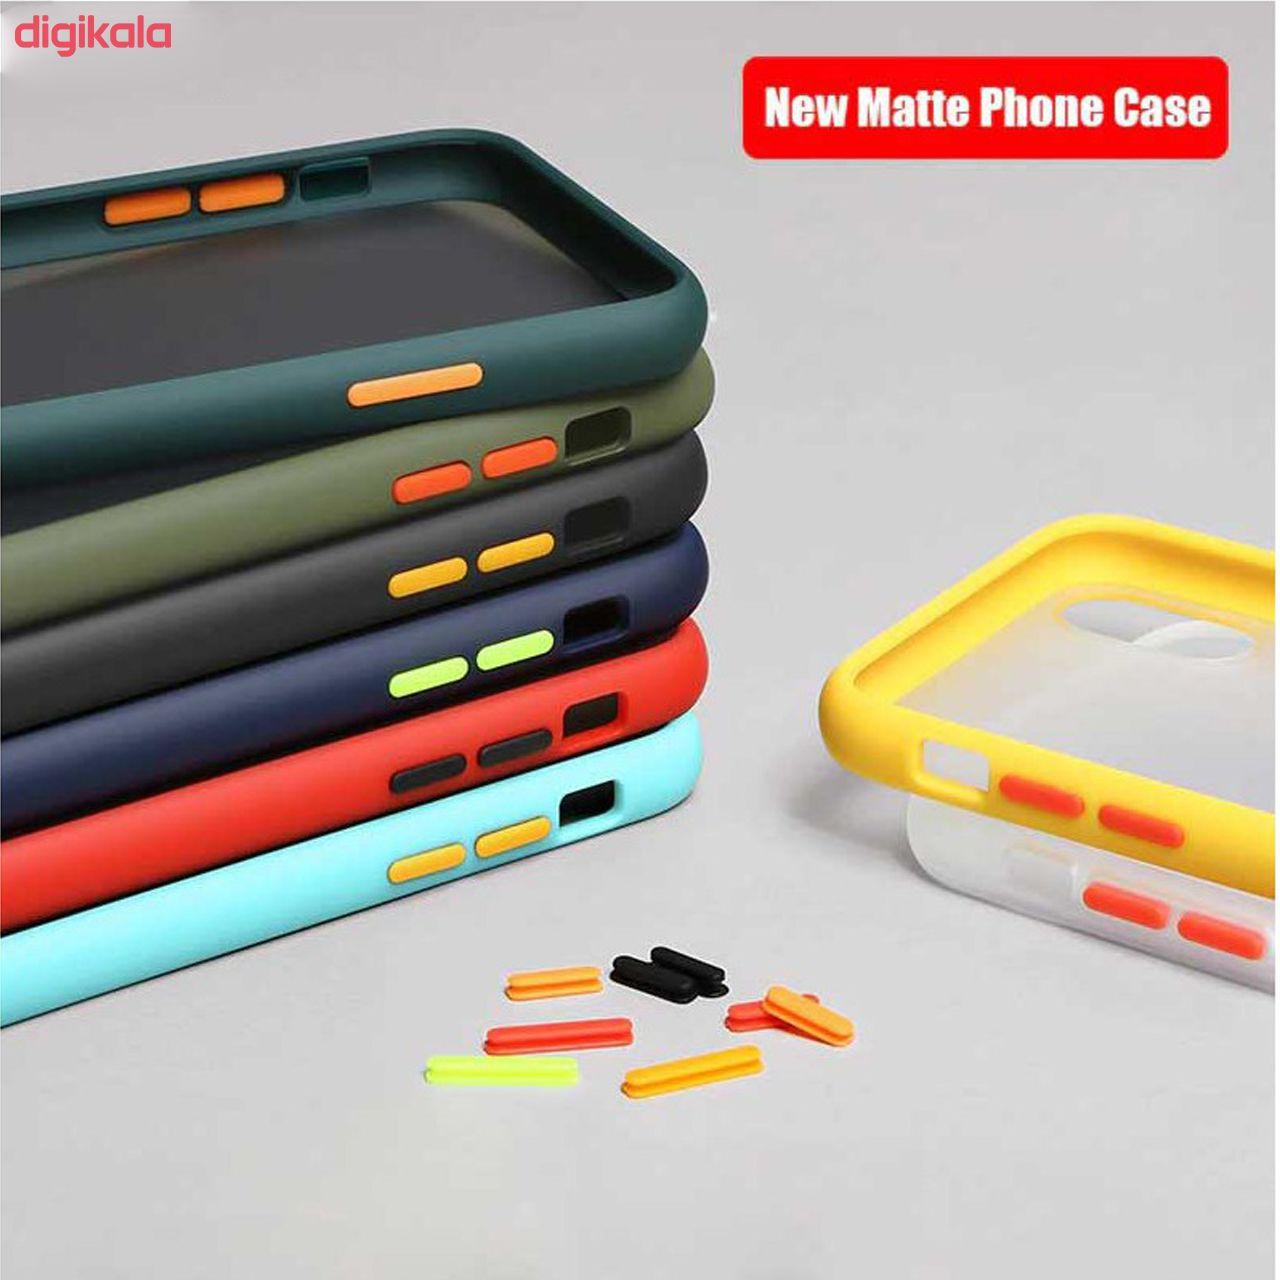 کاور کینگ پاور مدل M22 مناسب برای گوشی موبایل شیائومی Redmi Note 9S / Note 9 Pro / Note 9 Pro Max main 1 5